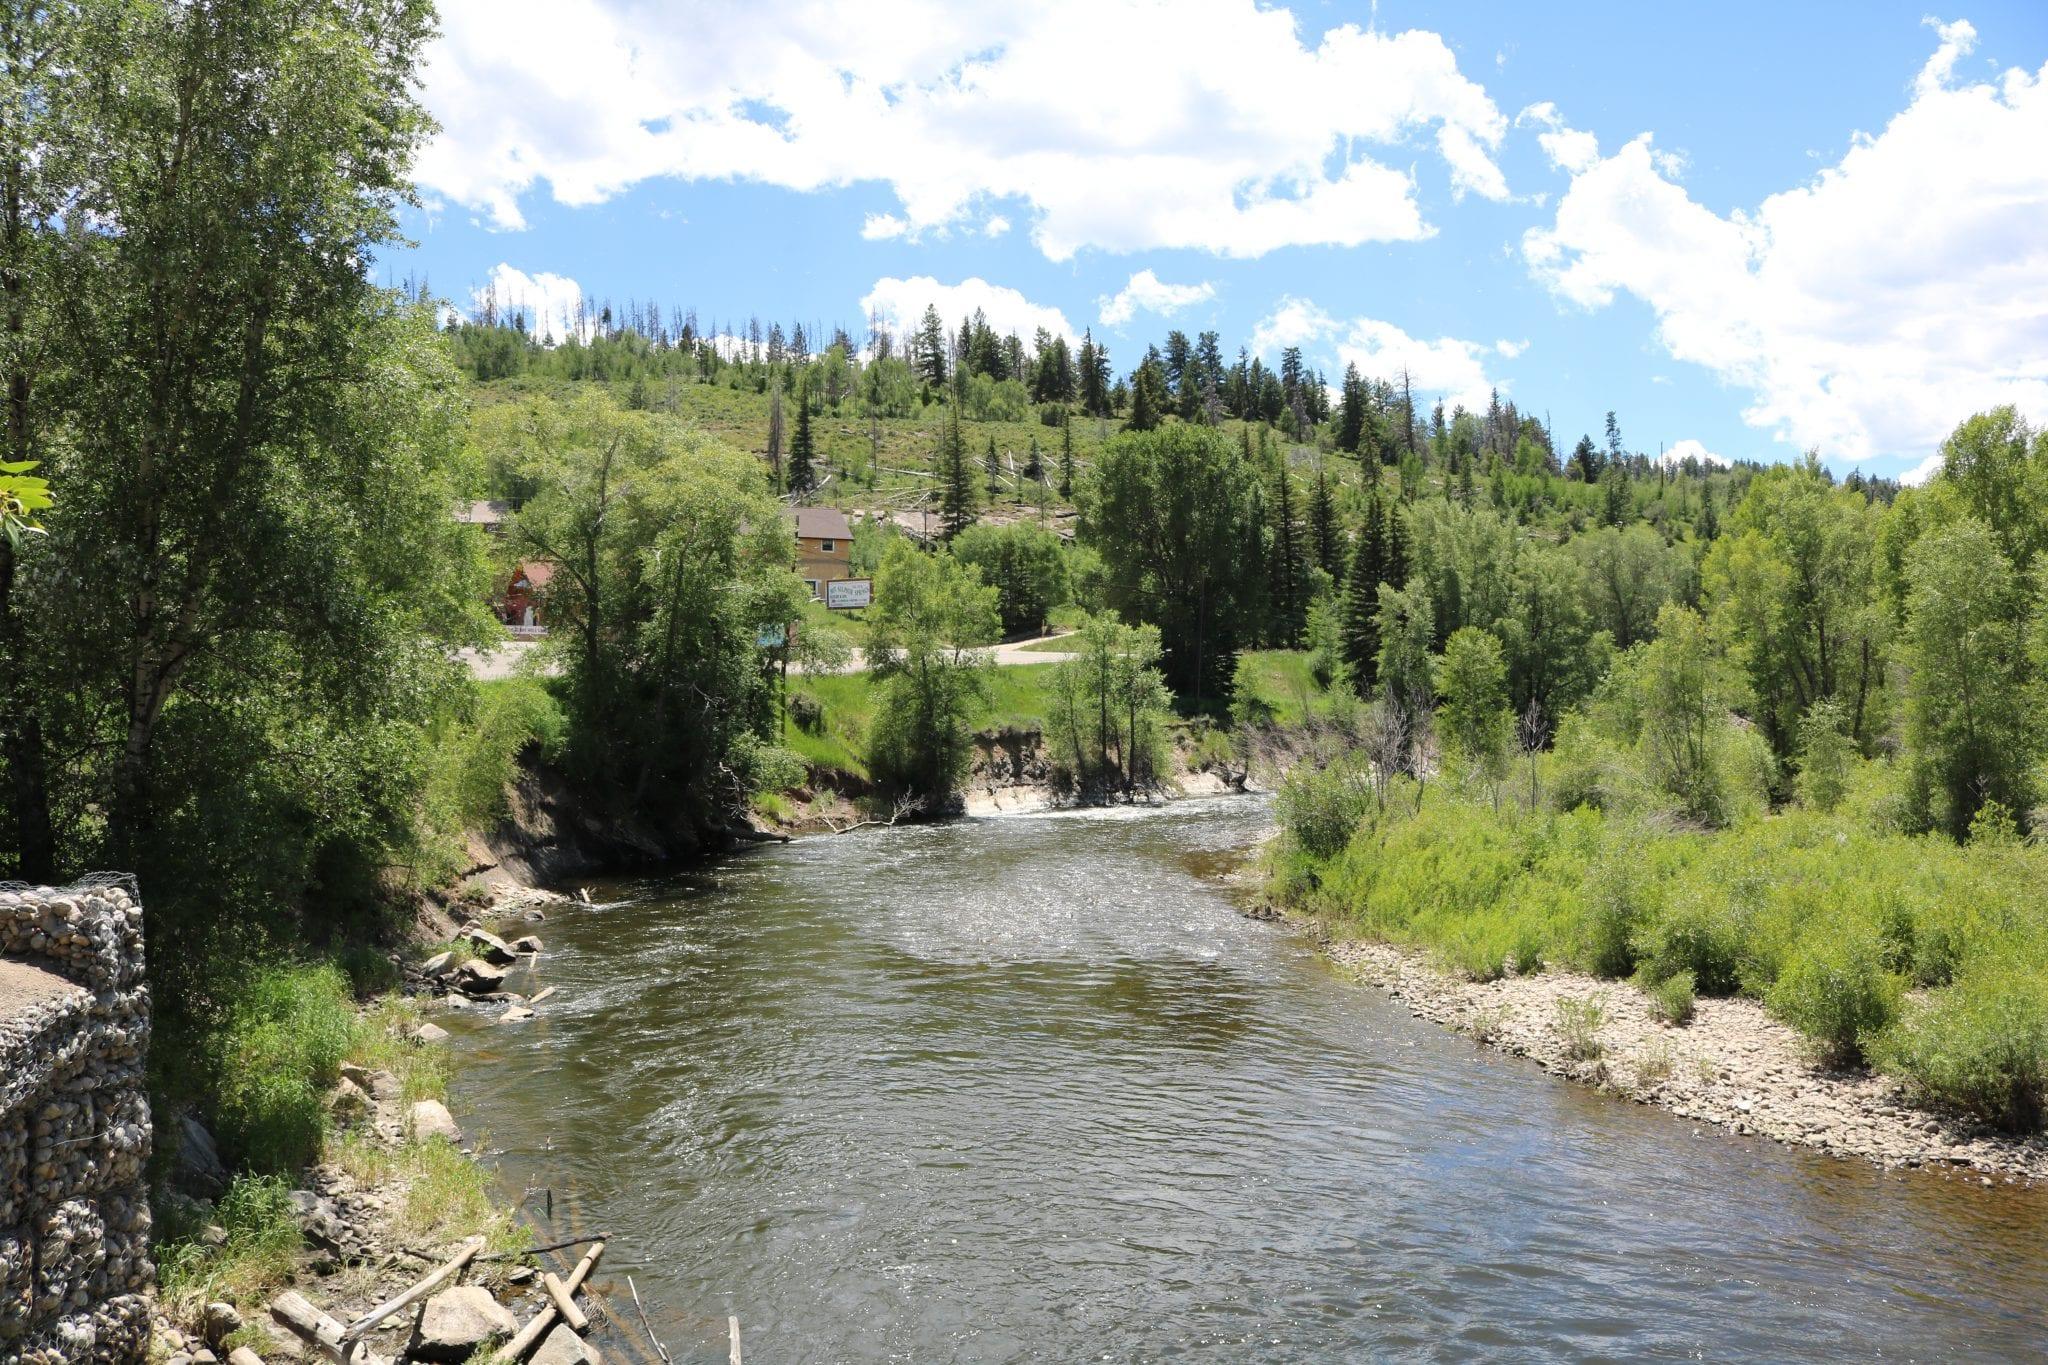 Colorado River Flows through town of Hot Sulphur Springs, CO